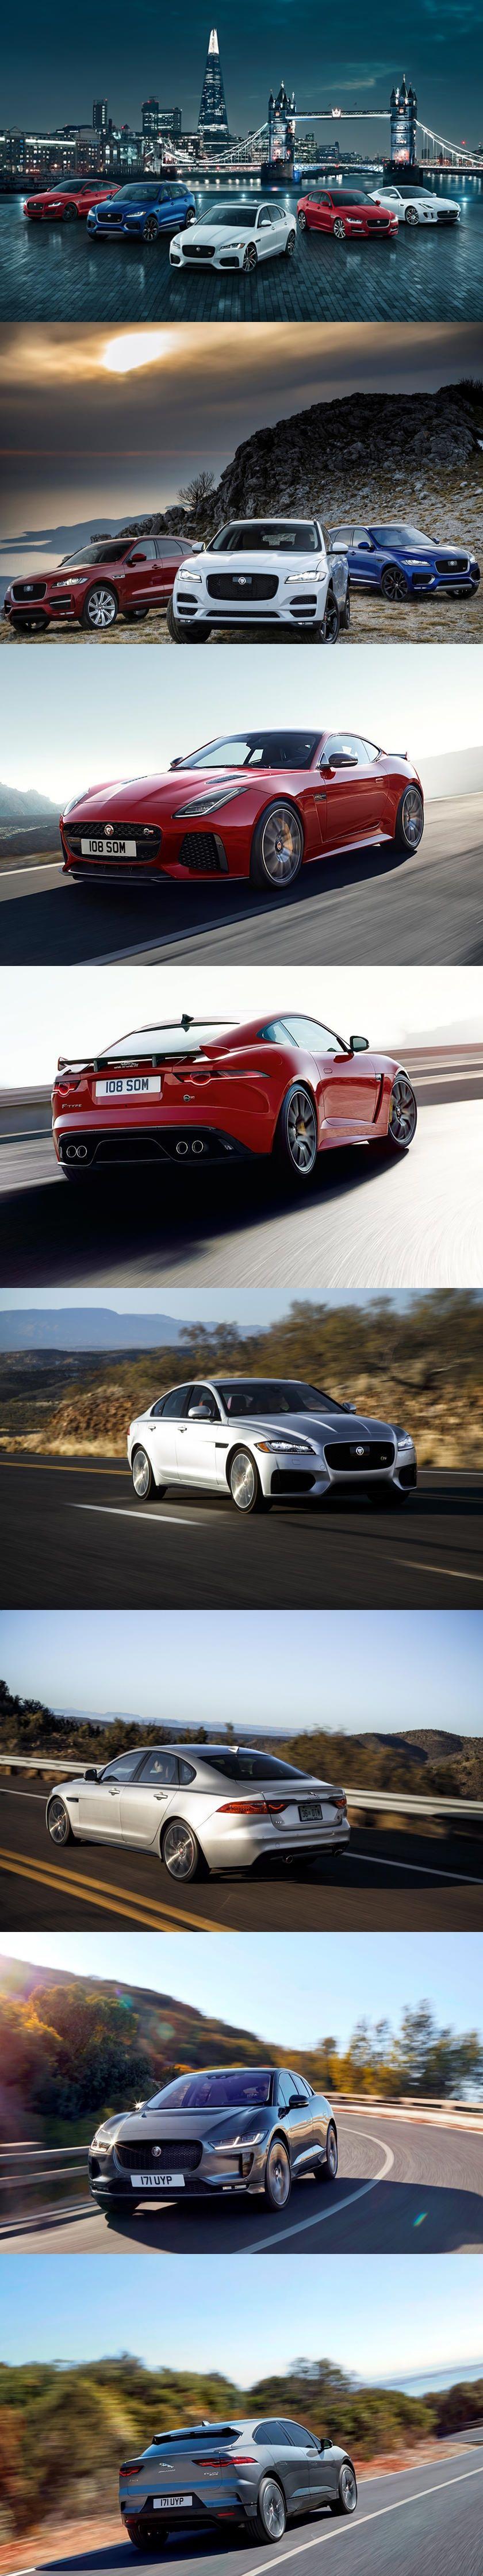 Jaguar Land Rover And Ford Hit With Huge Job Losses Jaguar Land